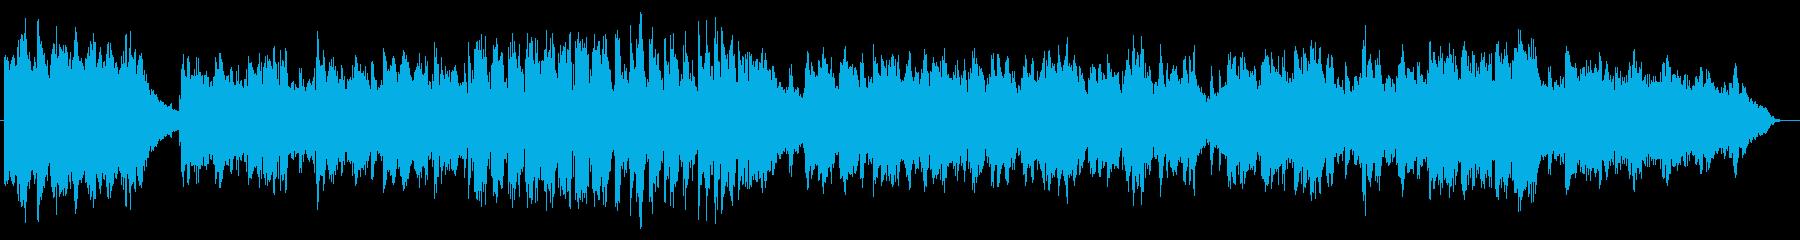 ピアノがドラマチックなインスト曲の再生済みの波形